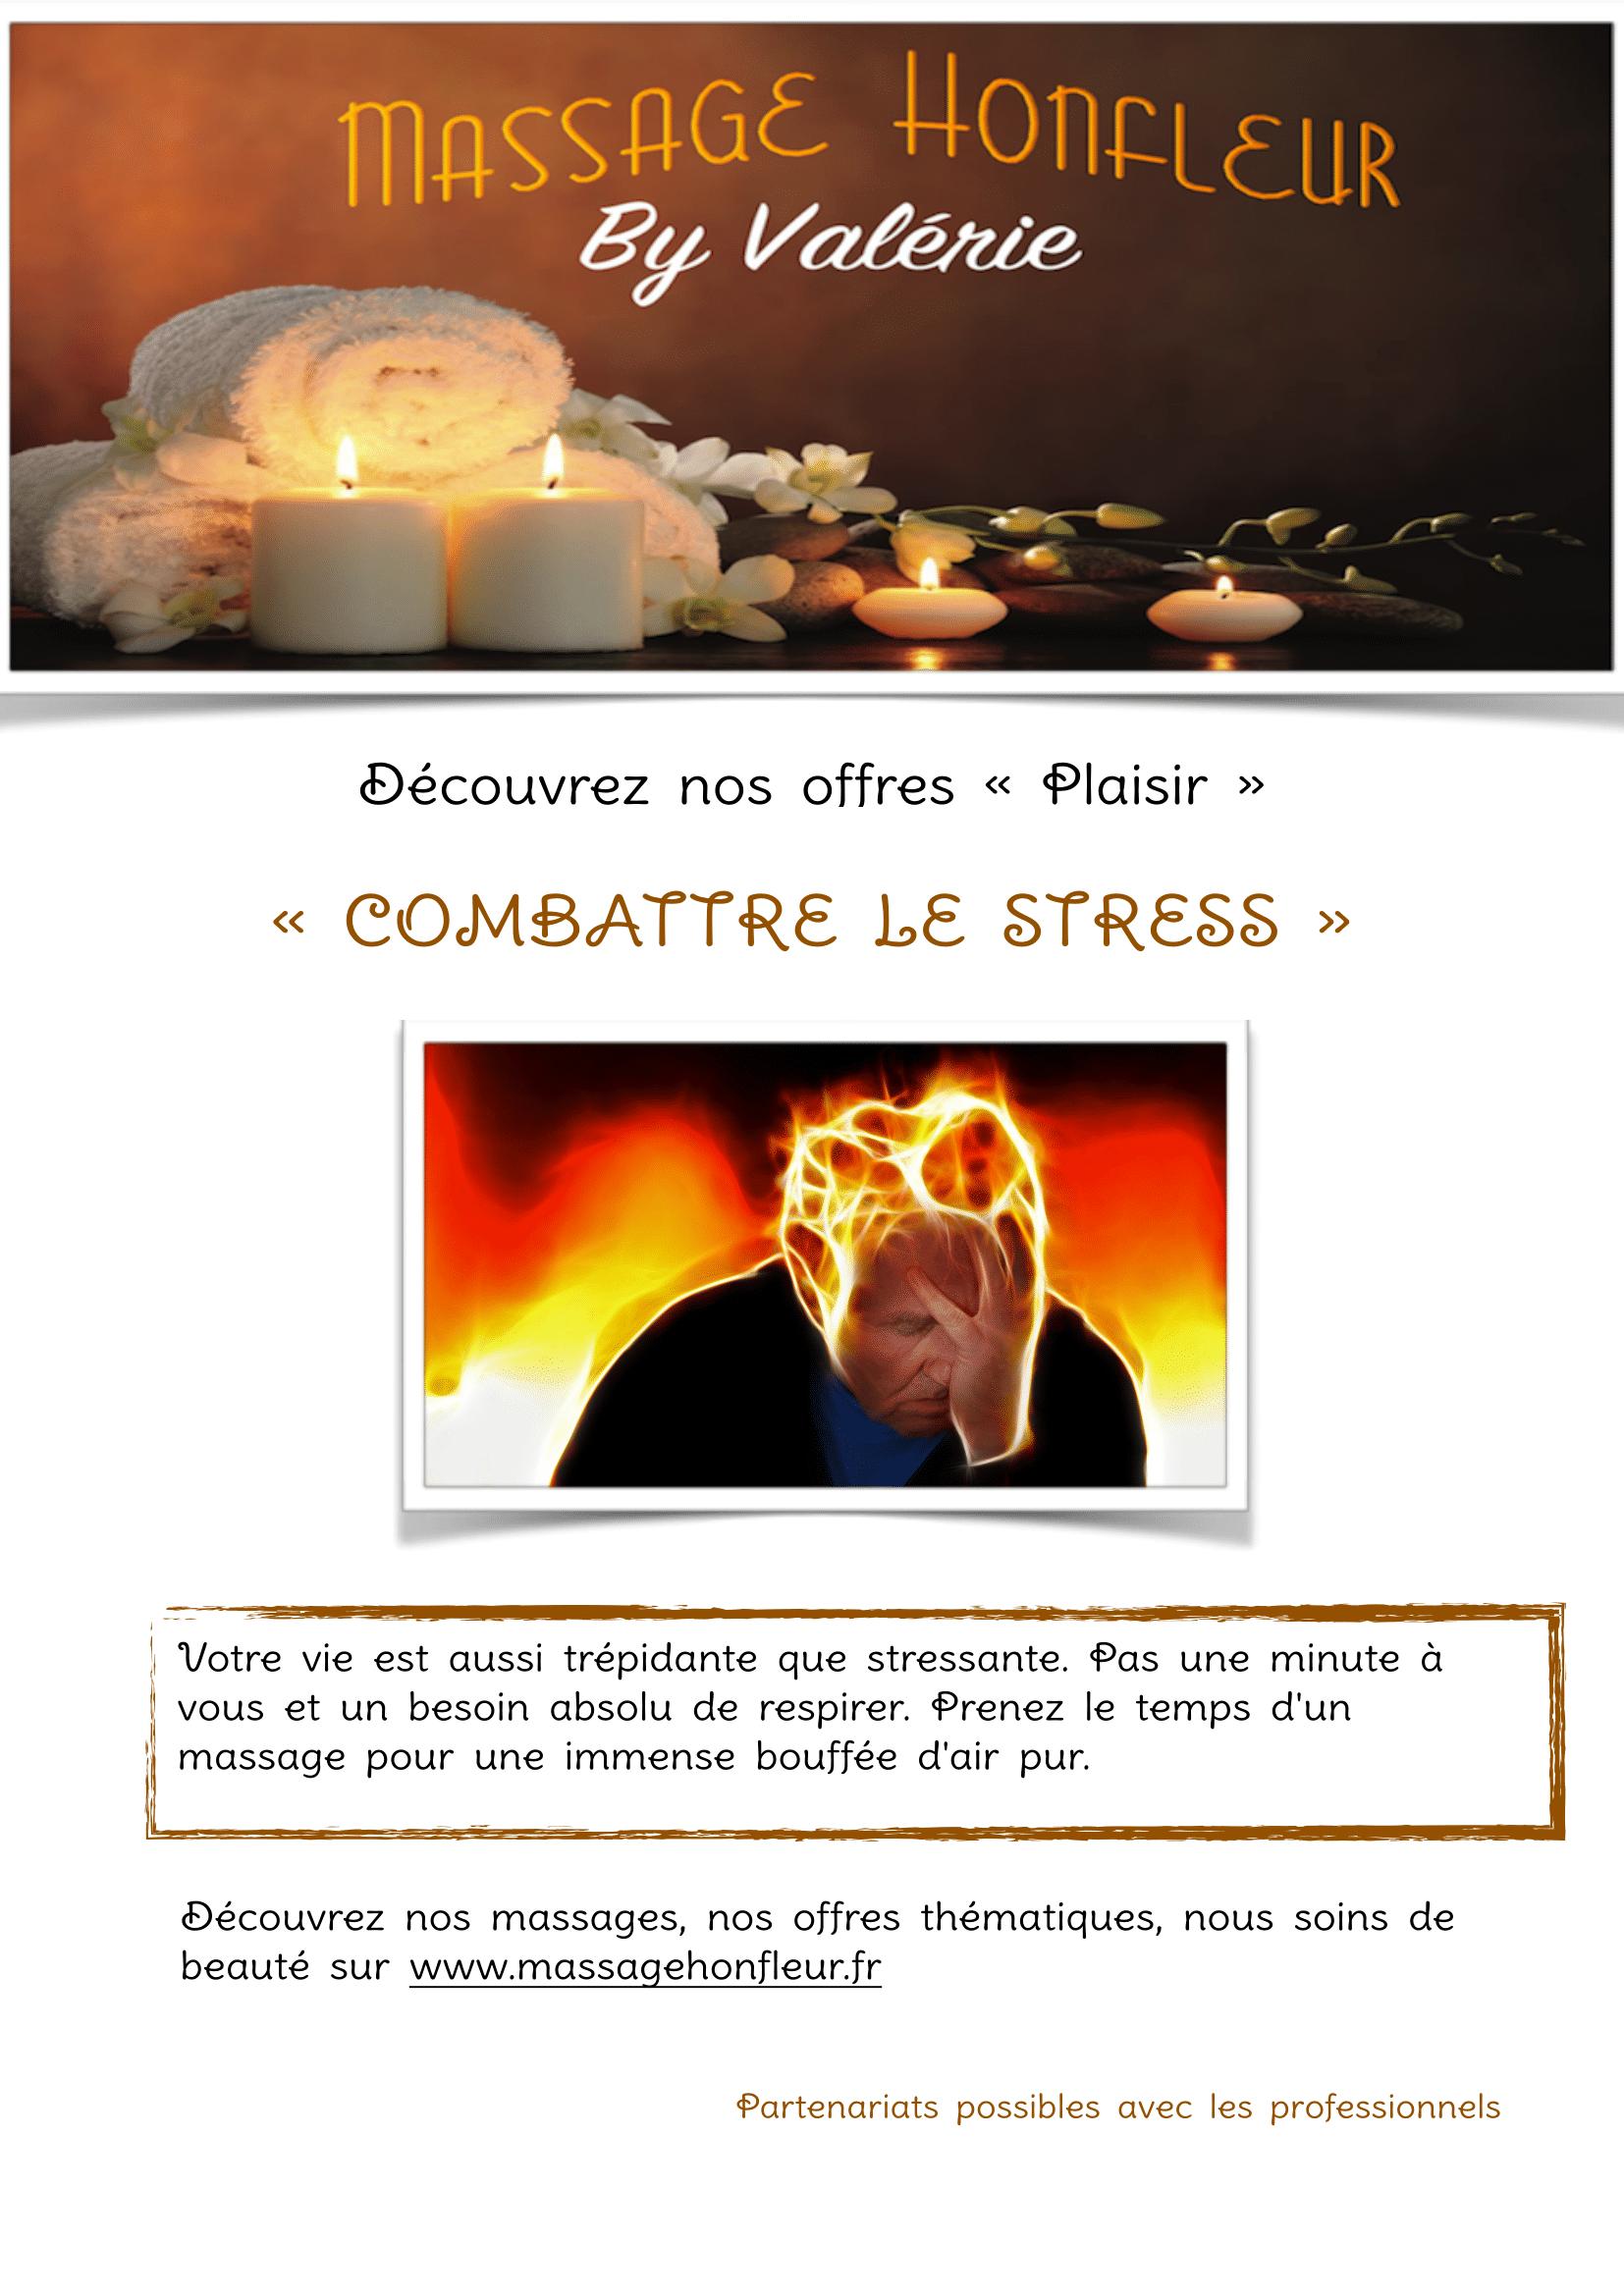 MASSAGE HONFLEUR : «COMBATTRE LE STRESS»